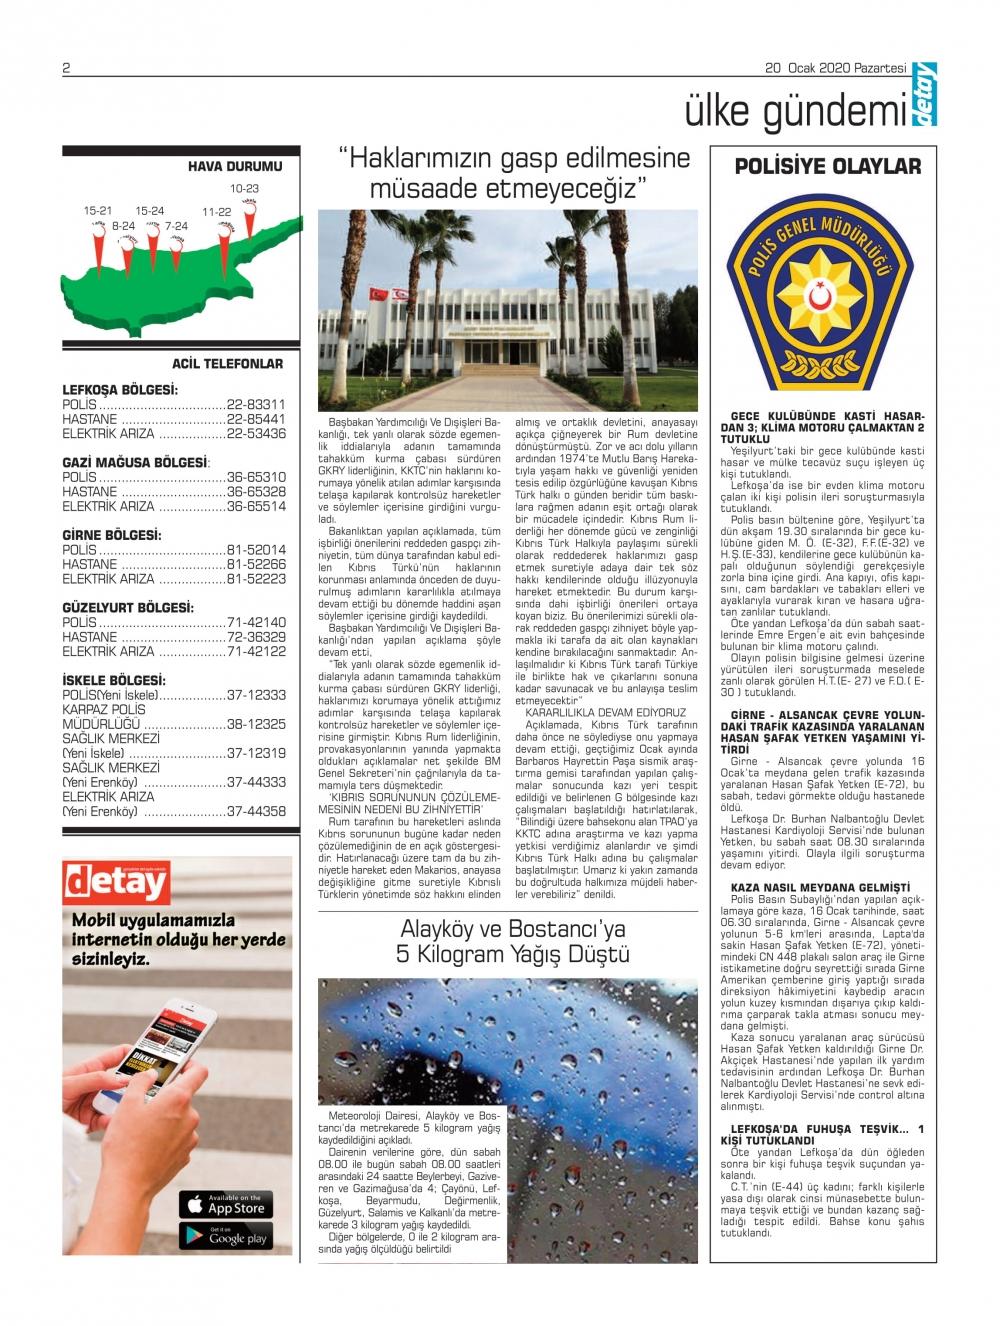 Detay Gazetes 20 Ocak 2020'de ne yazdı? galerisi resim 1